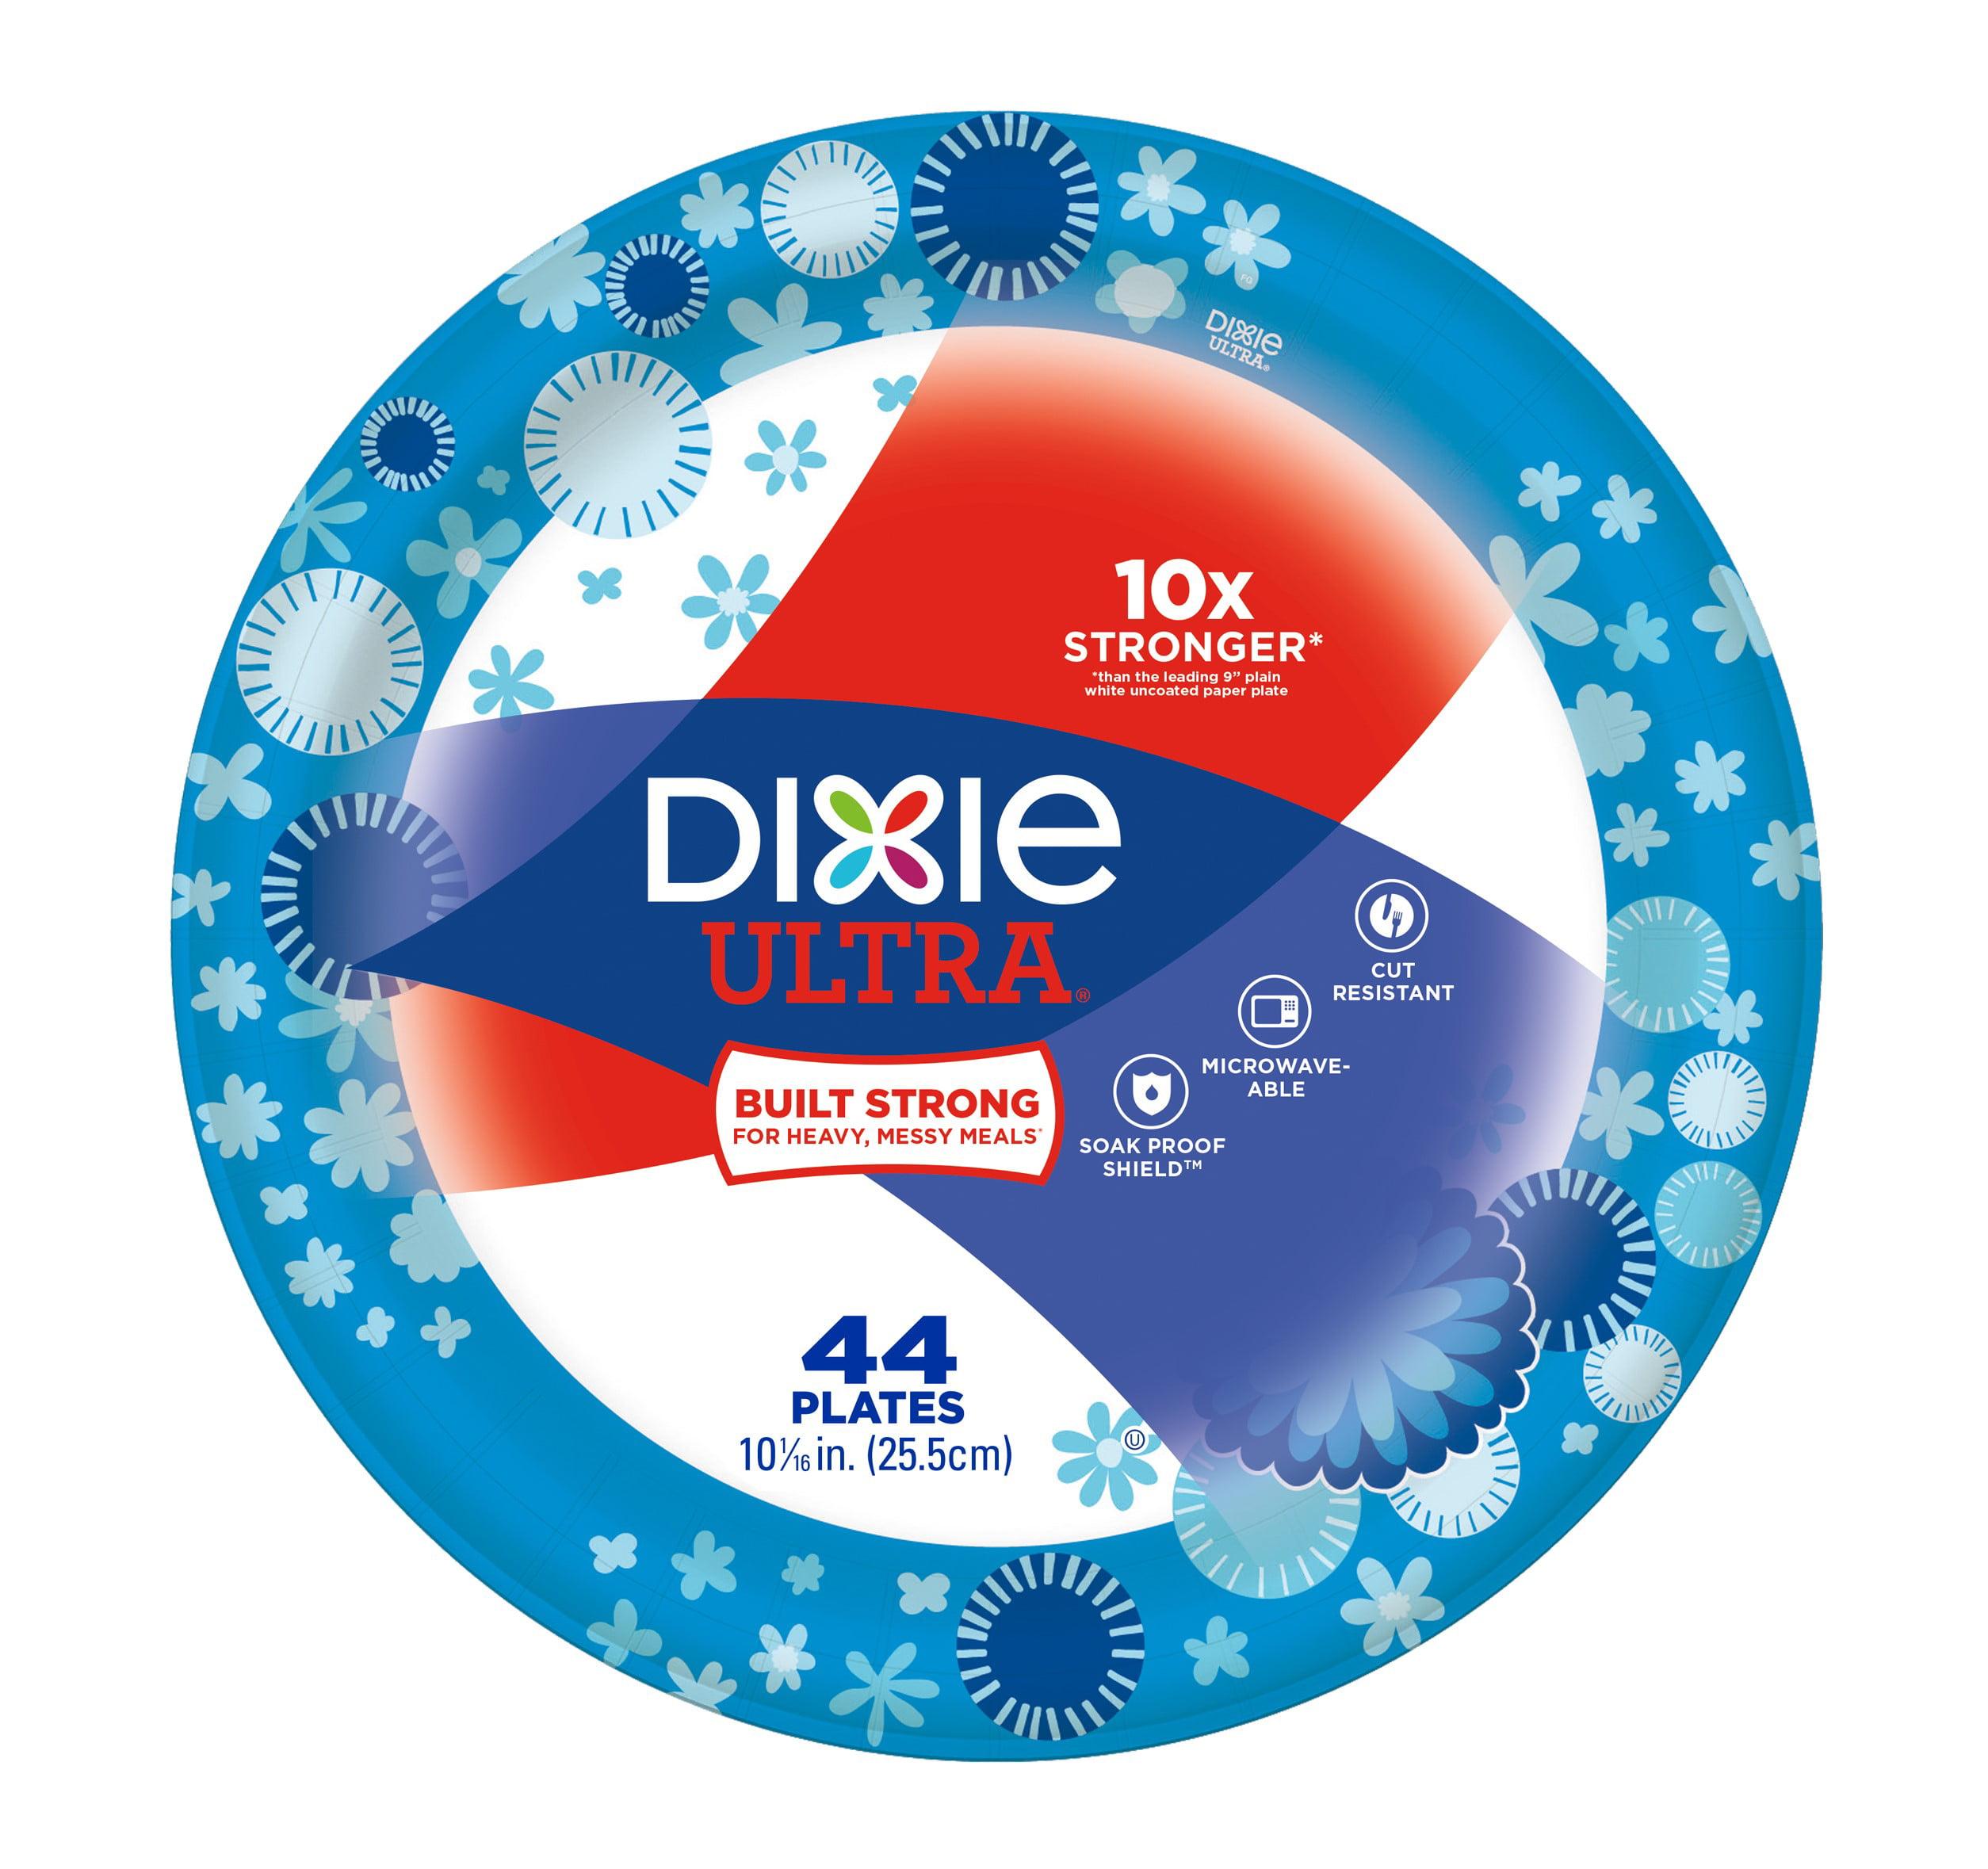 sc 1 st  Walmart & Dixie Ulta Plates 10 1/16 in - 44 CT - Walmart.com